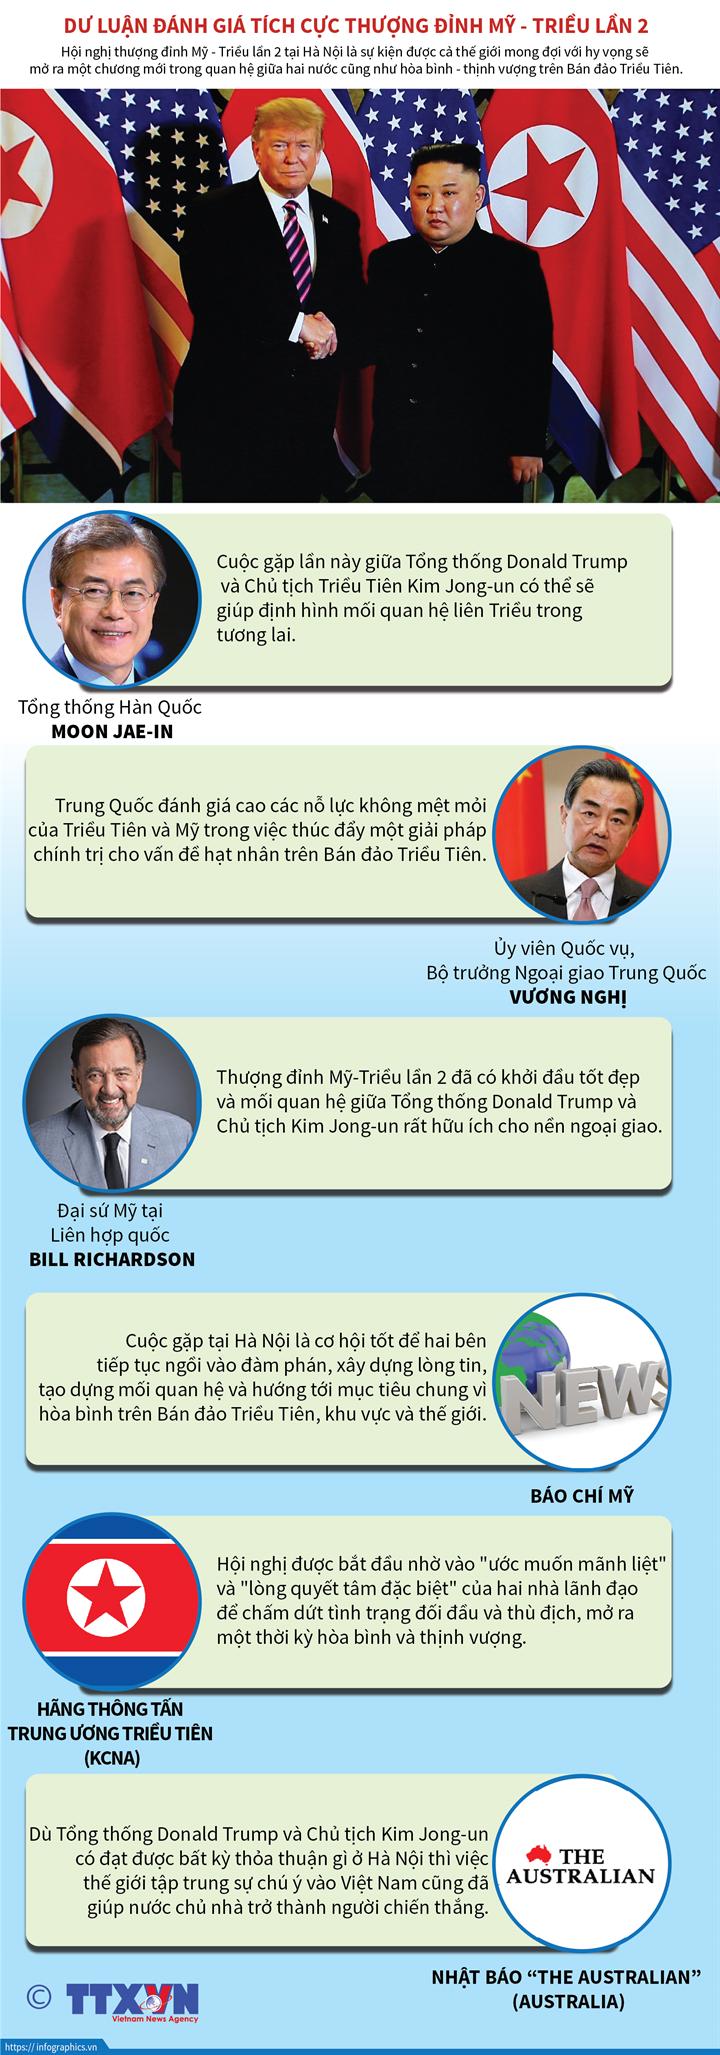 Dư luận đánh giá tích cực Thượng đỉnh Mỹ - Triều lần 2